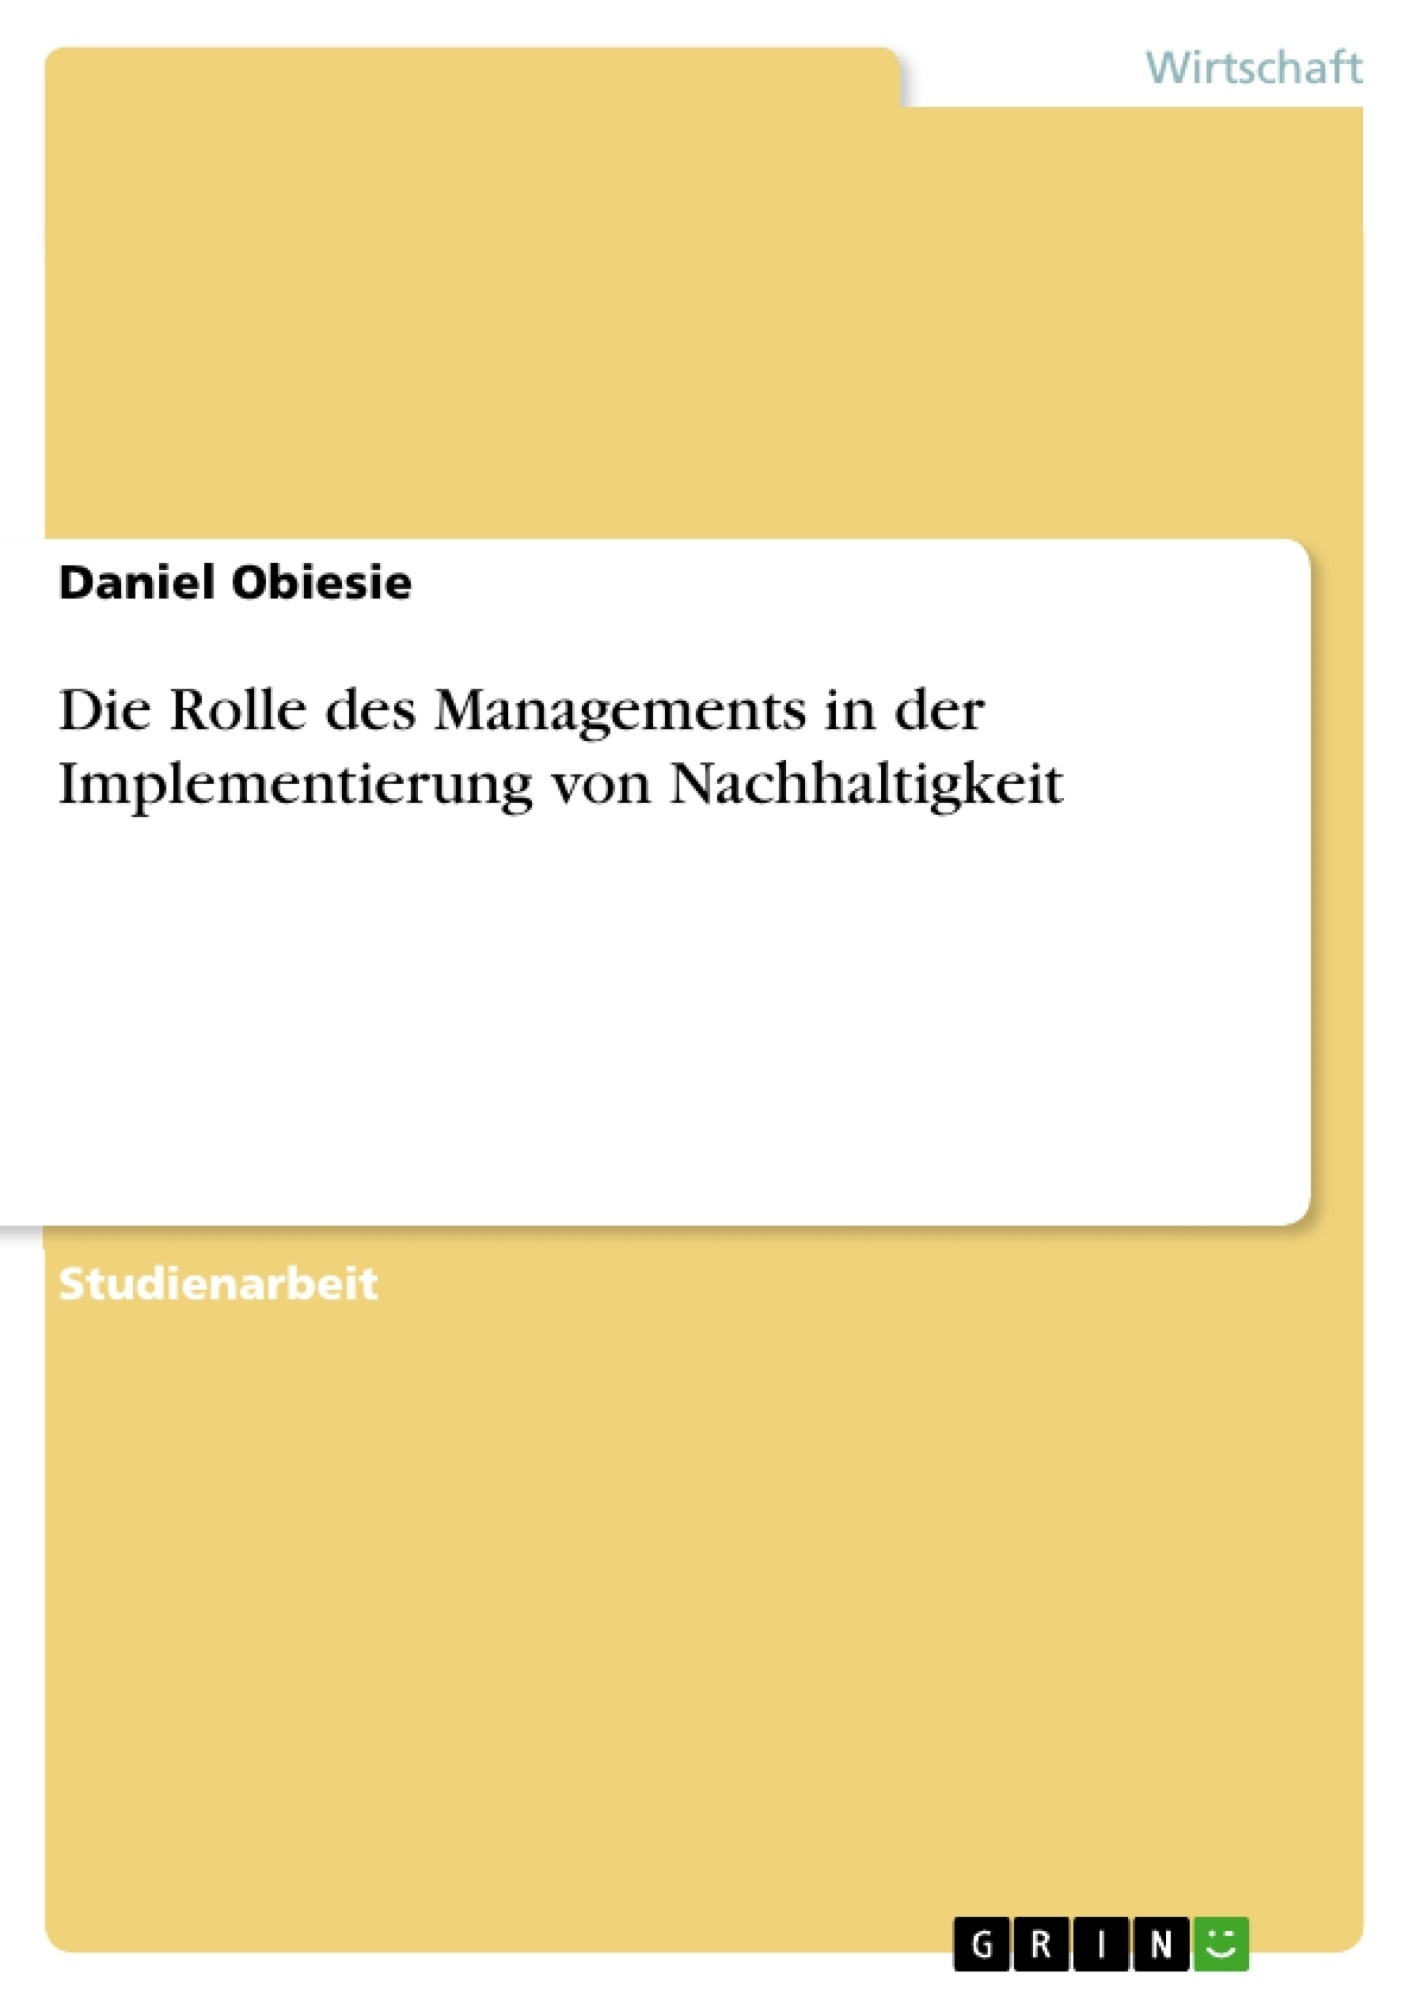 Titel: Die Rolle des Managements in der Implementierung von Nachhaltigkeit